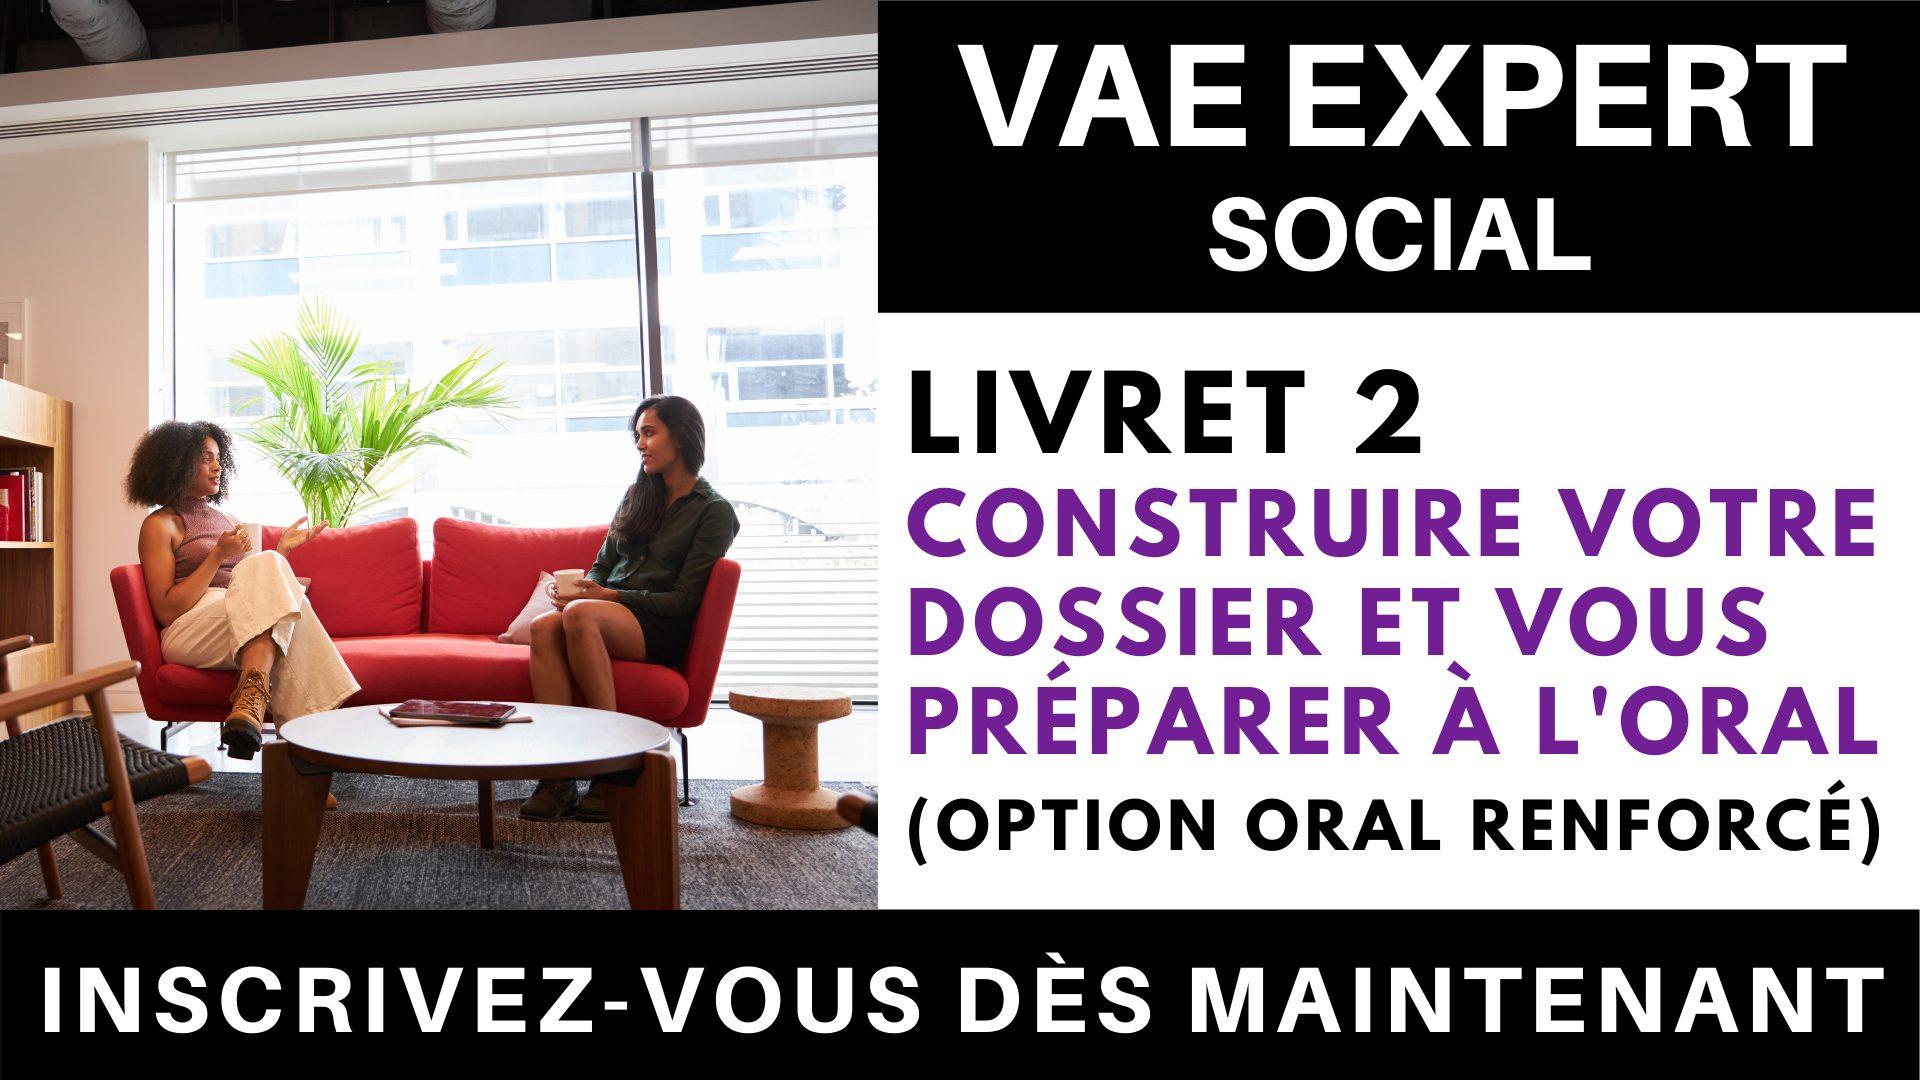 VAE EXPERT SOCIAL - Livret 2 Construire votre dossier et vous préparer à l'oral + option 'oral renforcé'